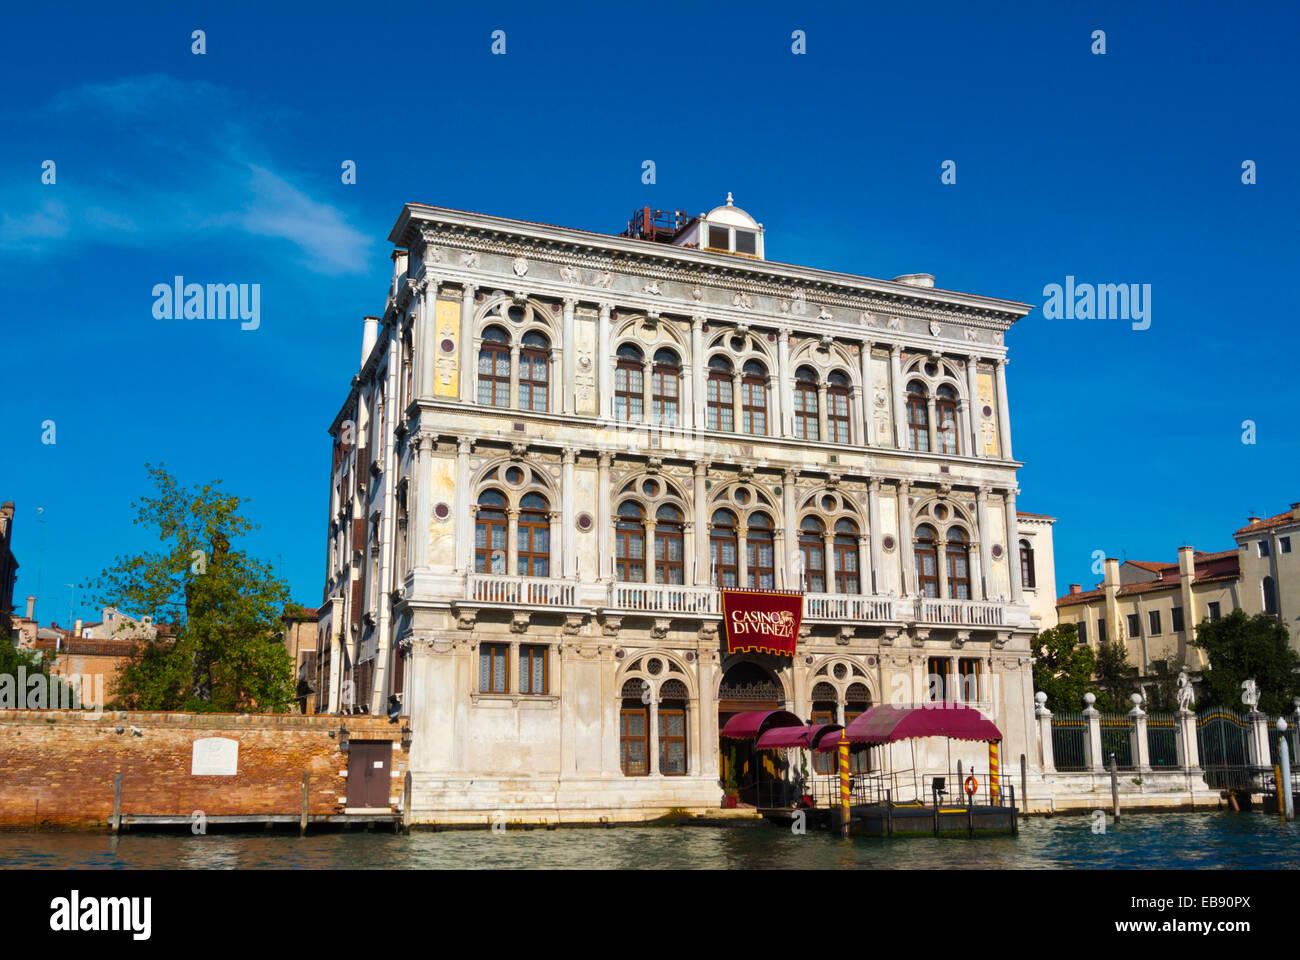 Casino di Venezia, Canal Grande, Cannaregio, Venice, Italy - Stock Image